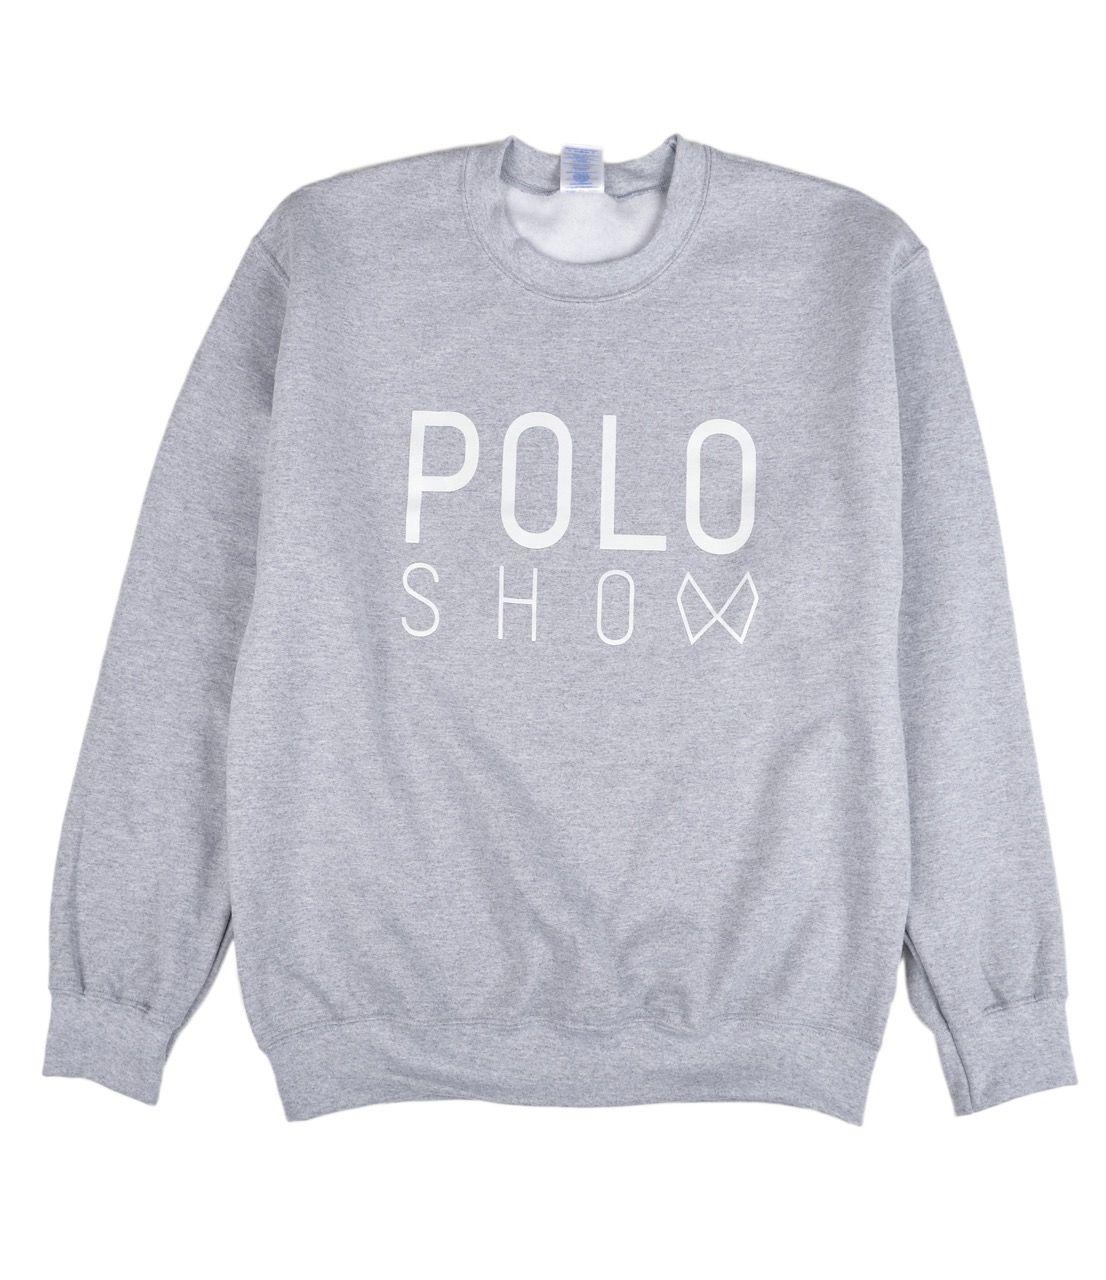 Poloshow Sweater sportygrey 1